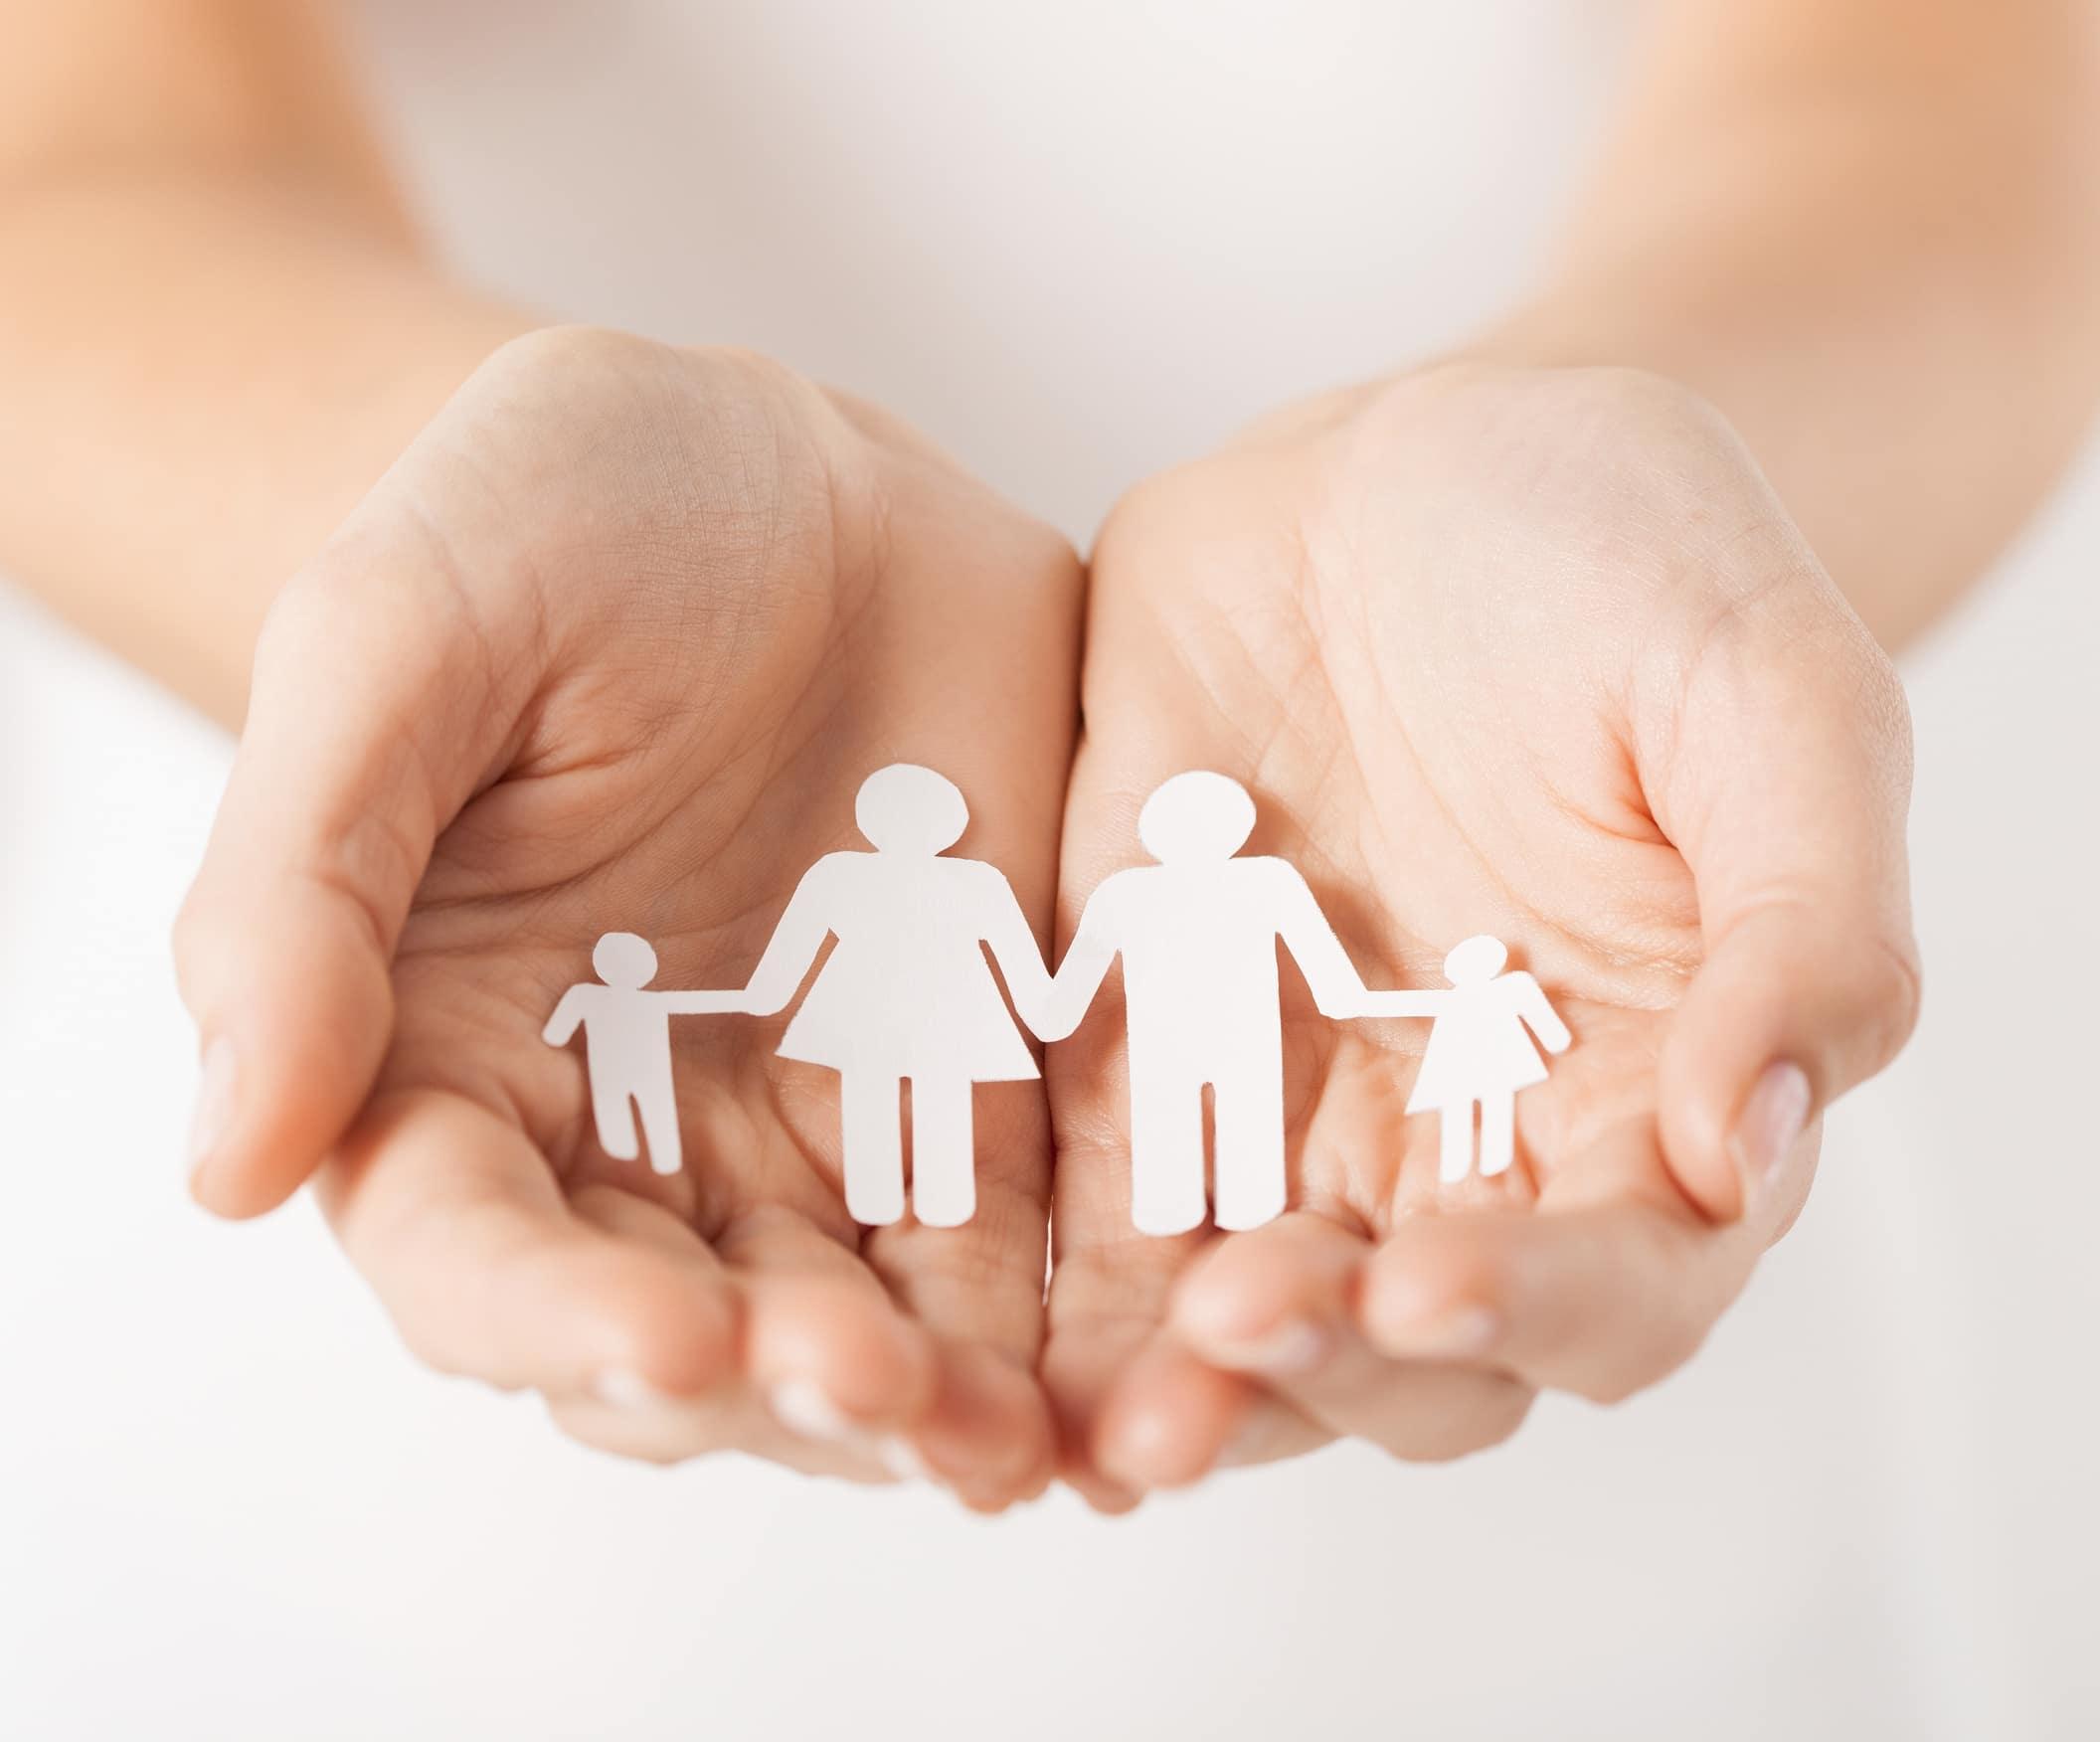 Familie aus Papier liegt in geöffneten Händen